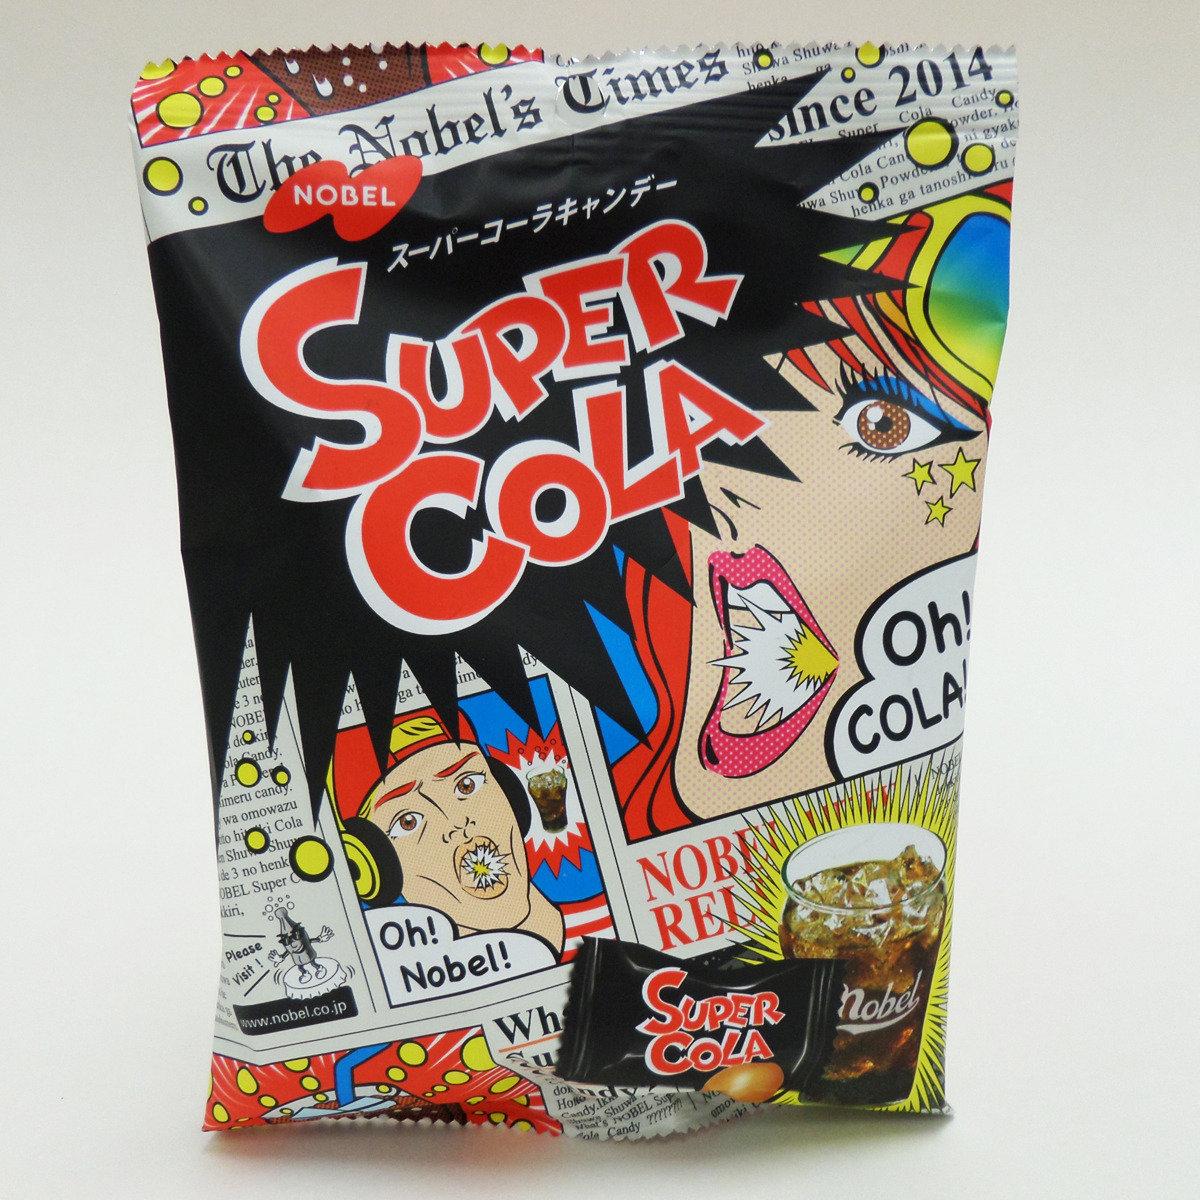 Nobel 超級可樂糖